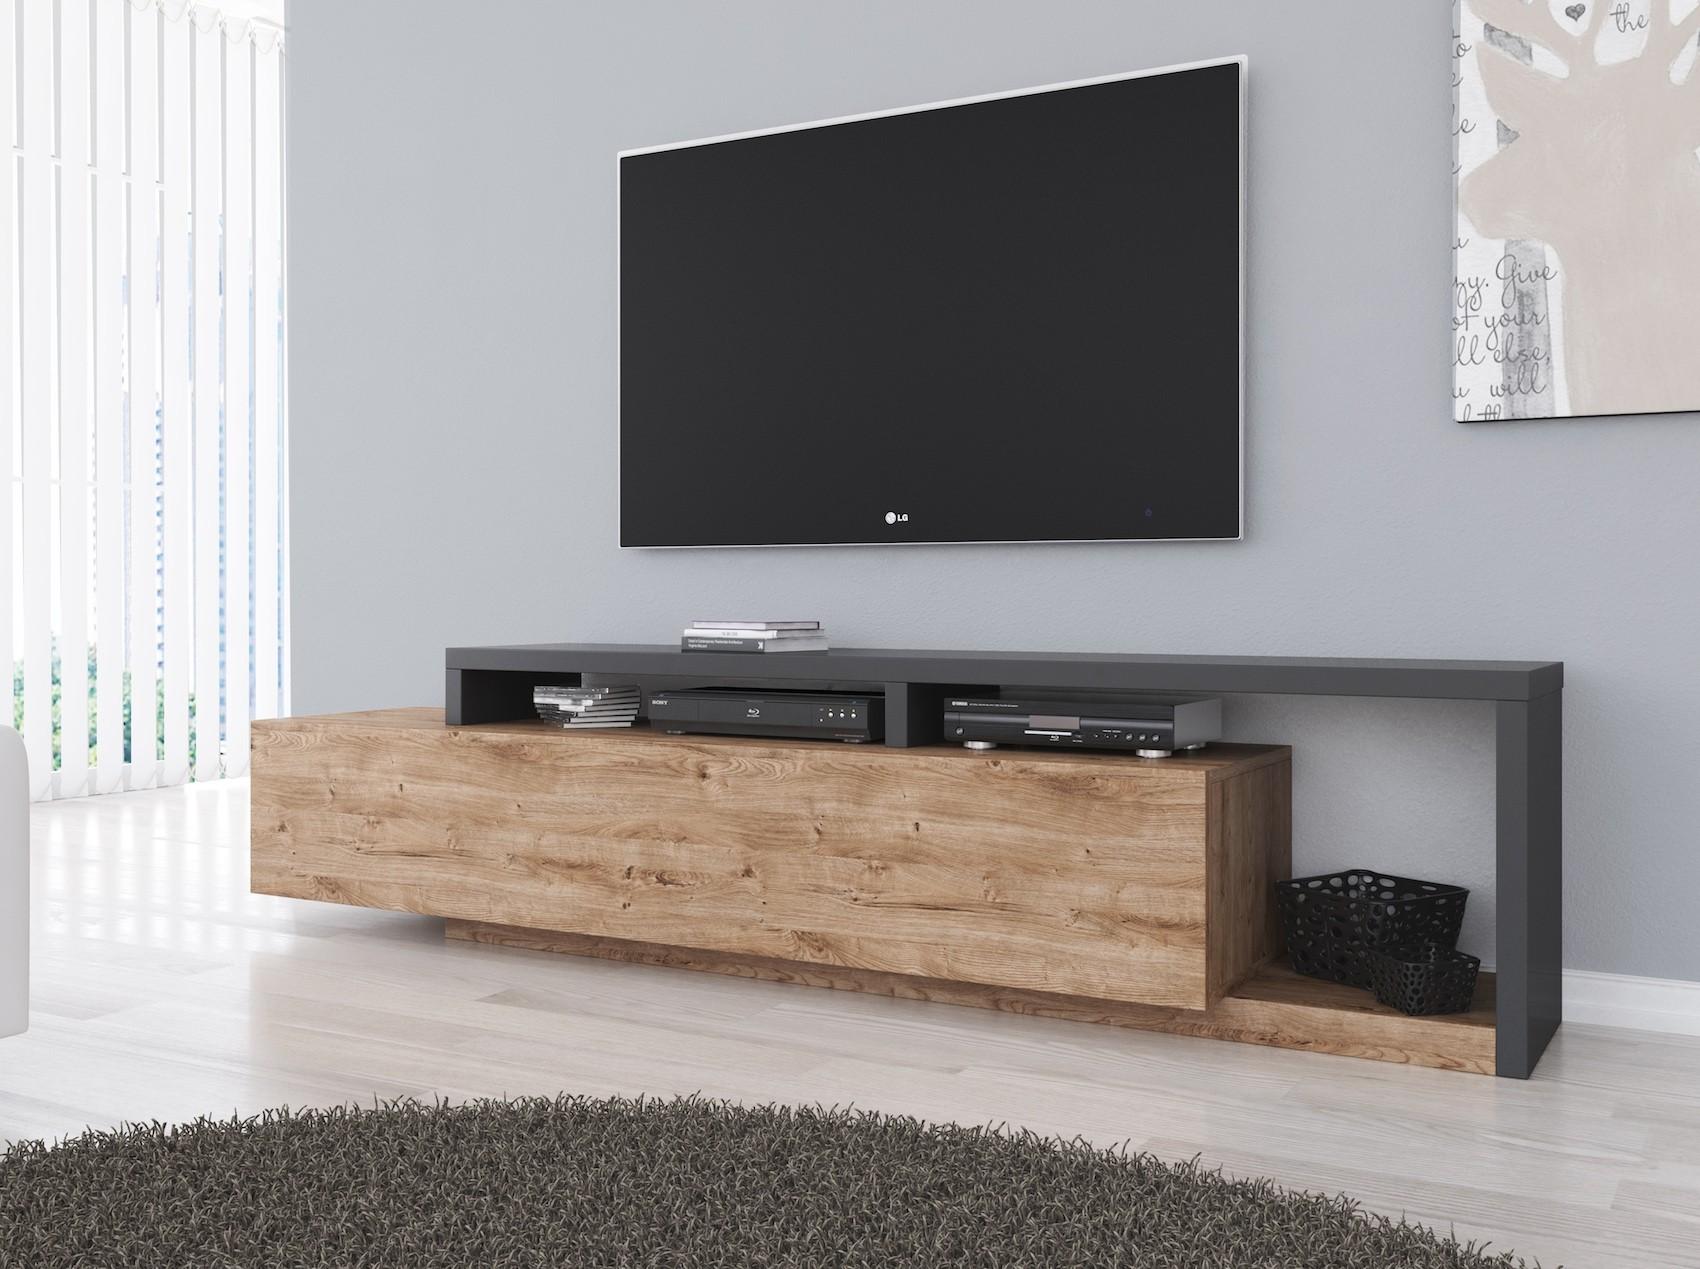 Stevige Tv Kast.Tv Meubel Bello Eiken Antraciet 219 Cm Meubella